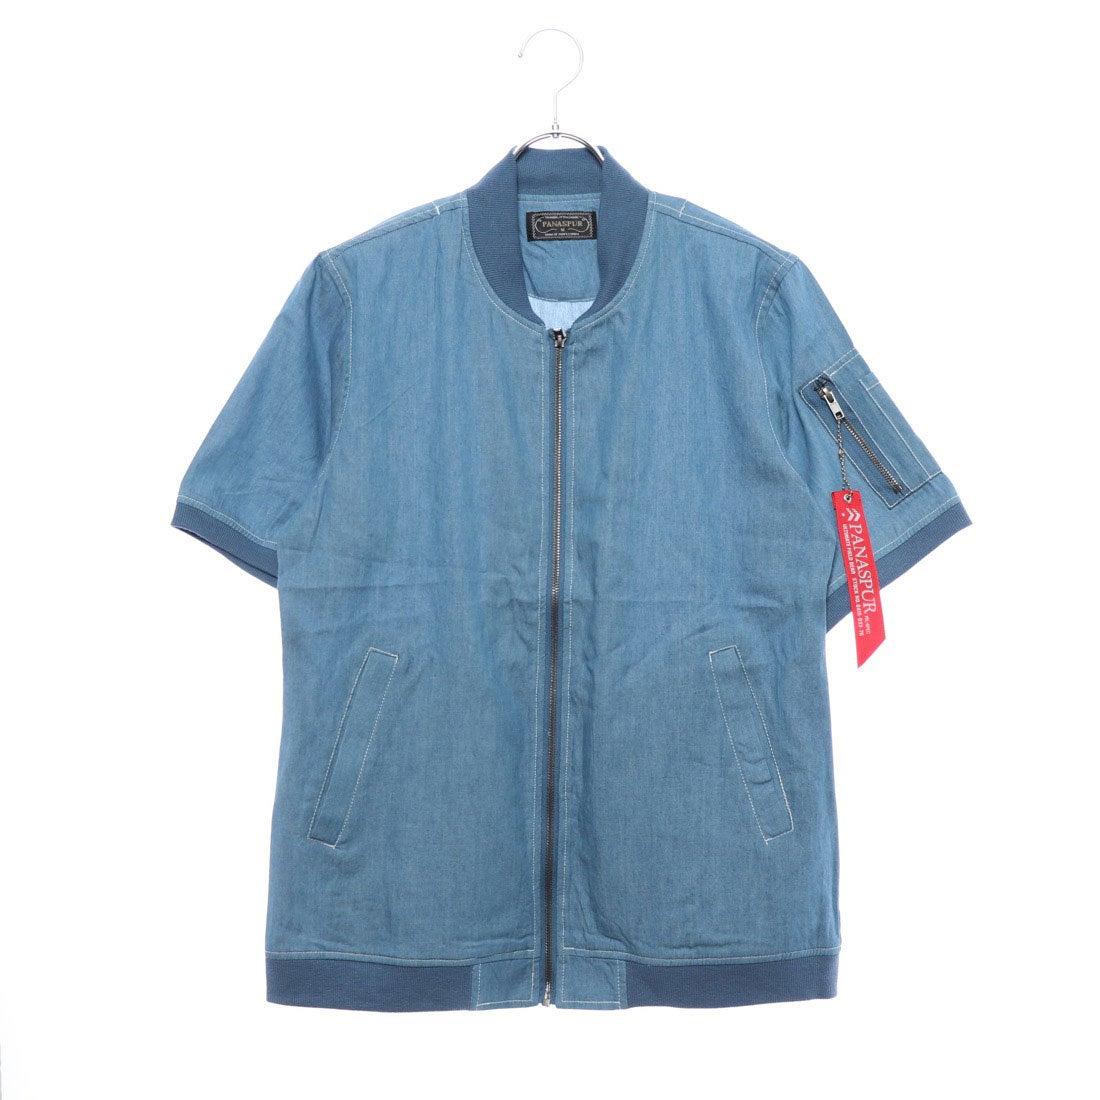 ロコンド 靴とファッションの通販サイトスタイルブロック STYLEBLOCK 4.5OZデニムシャツMA-1ミリタリー半袖シャツ (サックス)